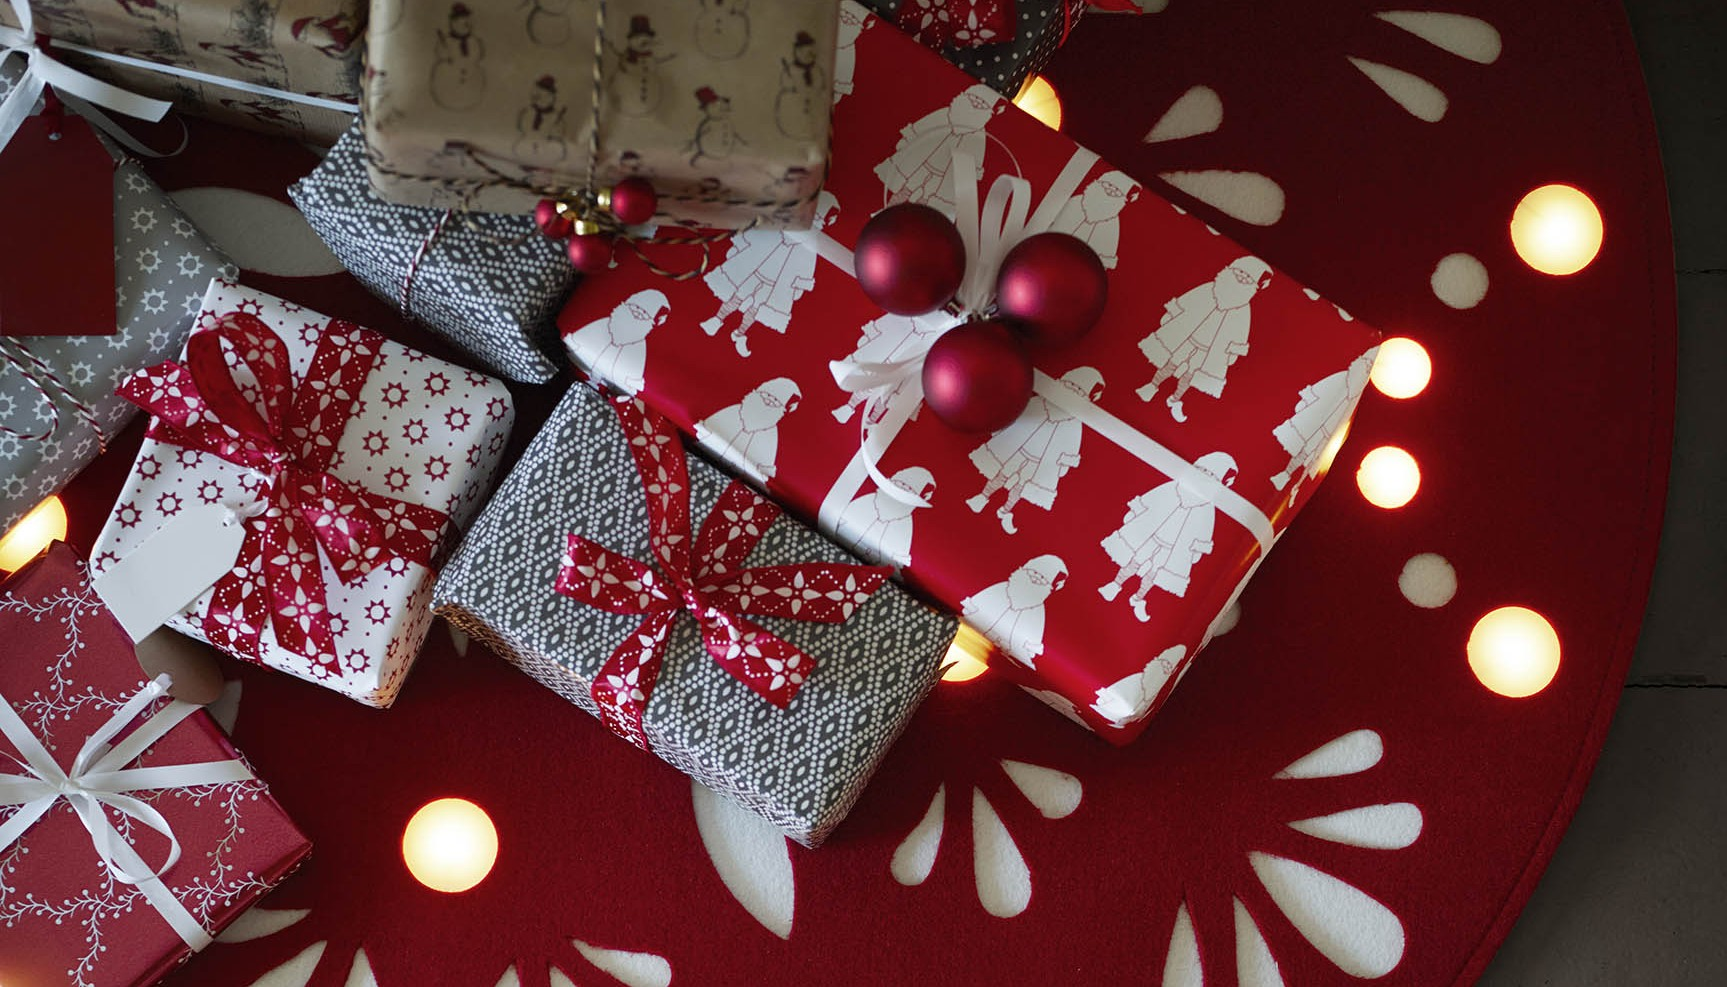 Kerst inpakken kerstcadeaus IKEA 2015